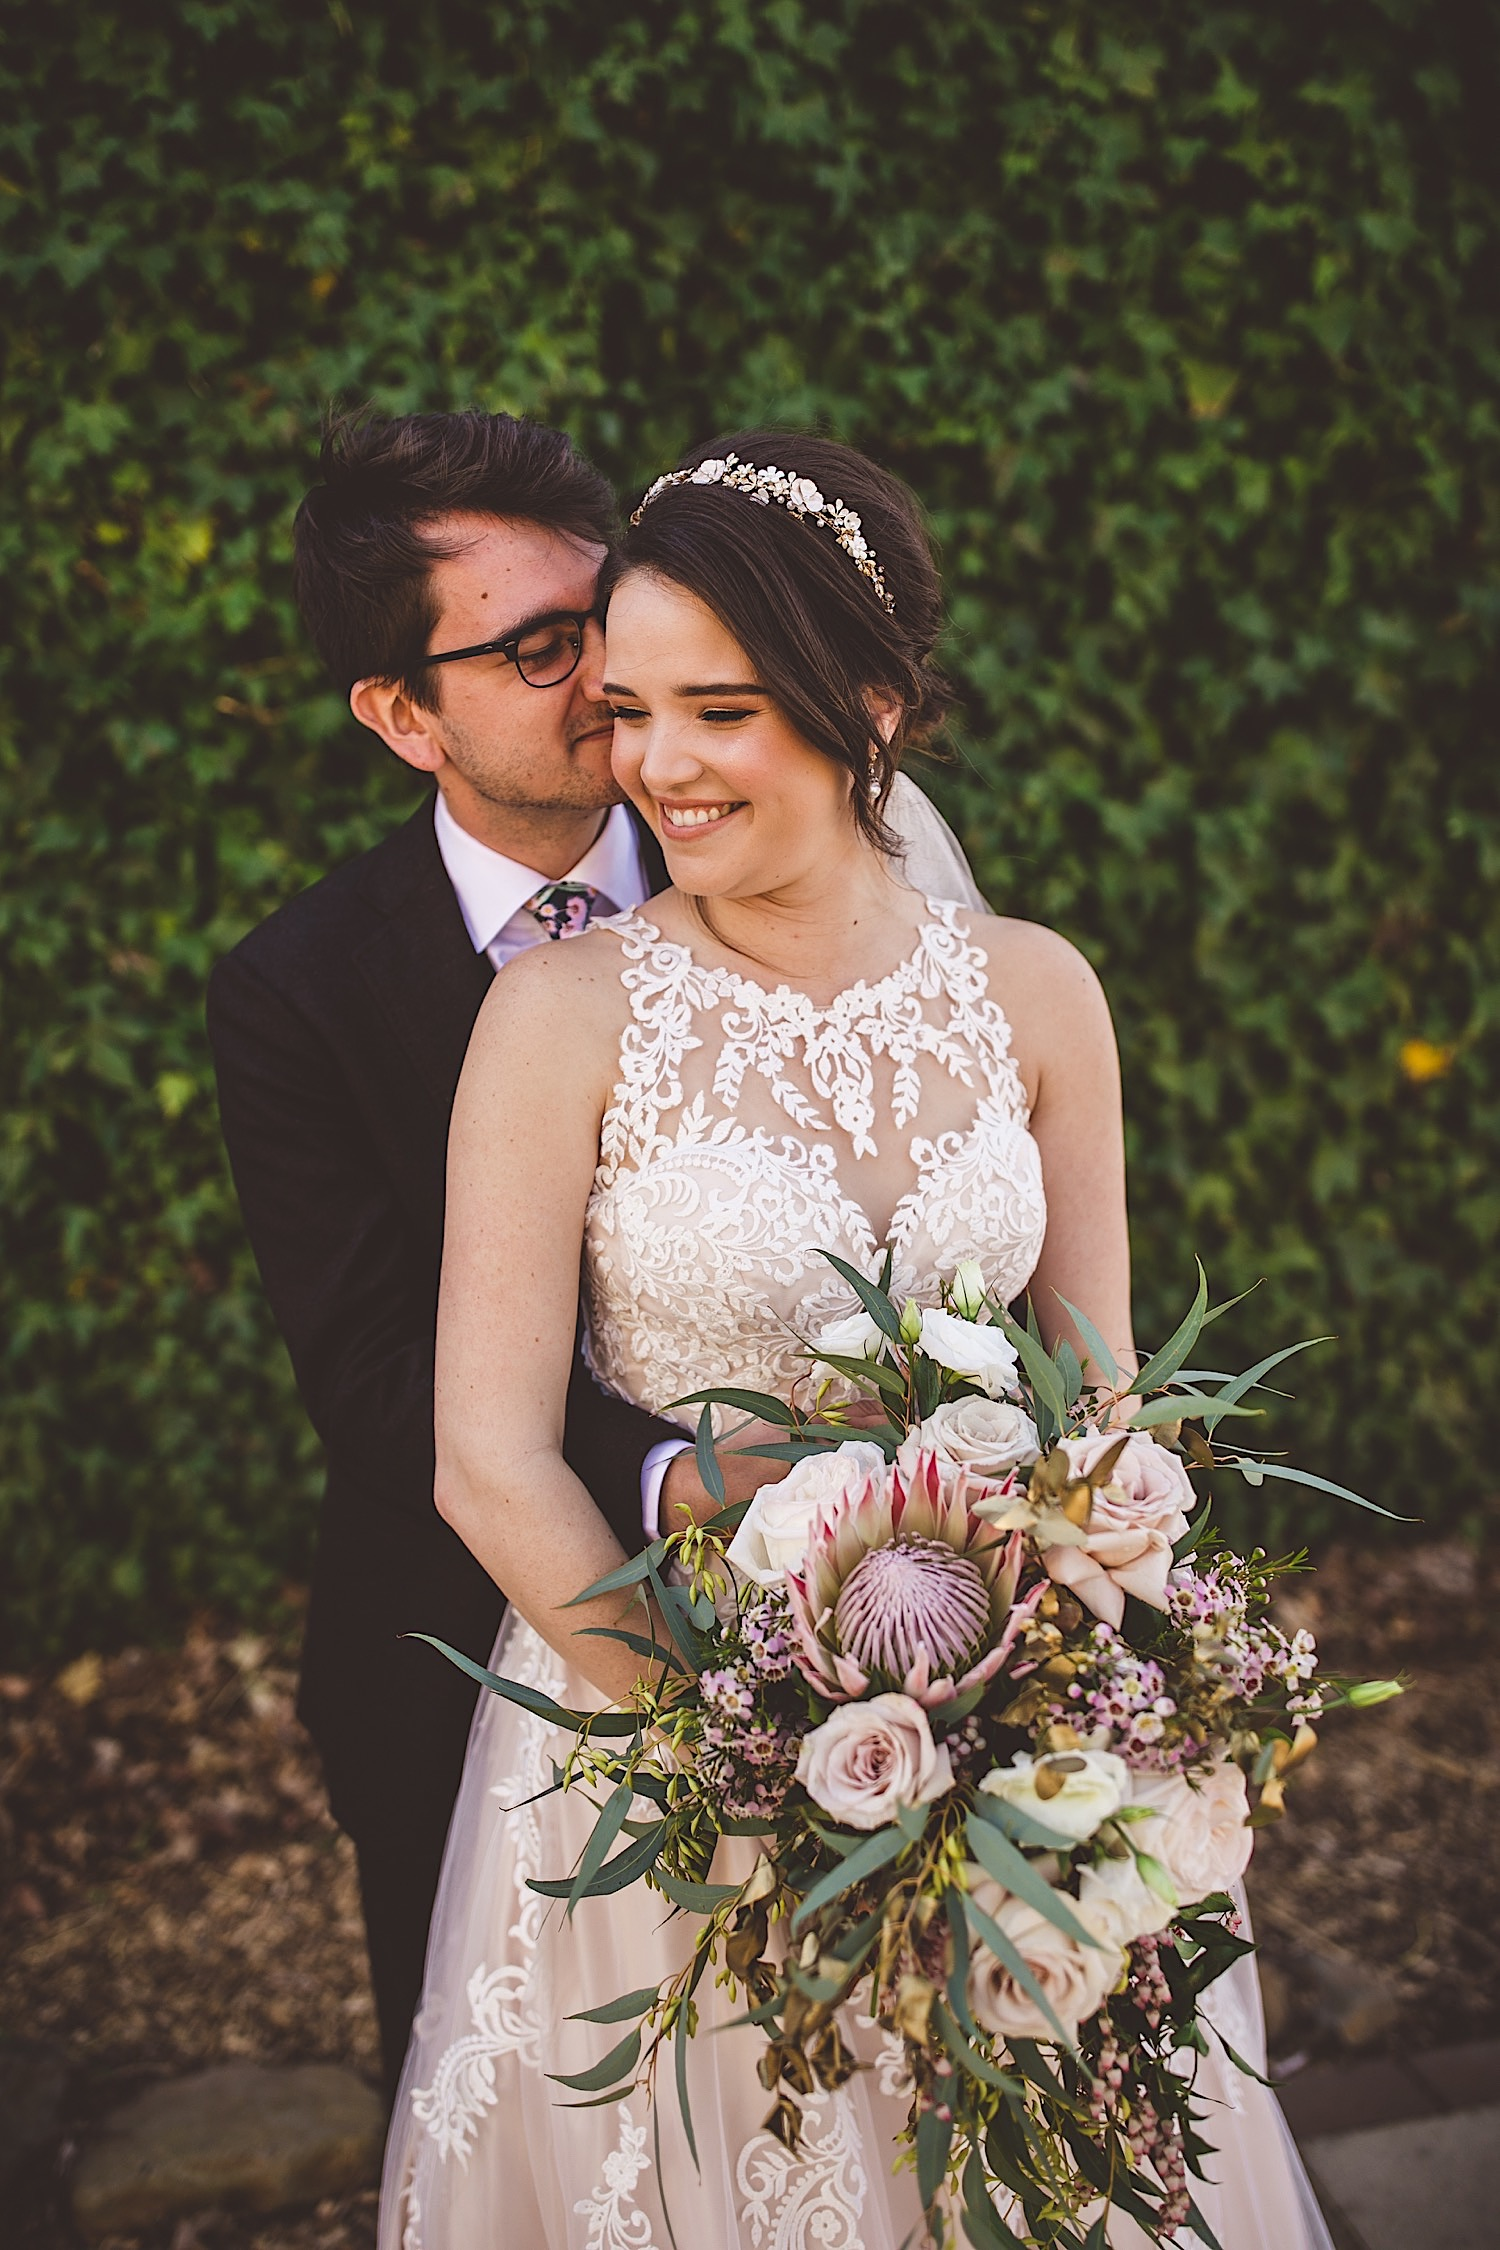 sutton-forest-wedding-photography_05.jpg